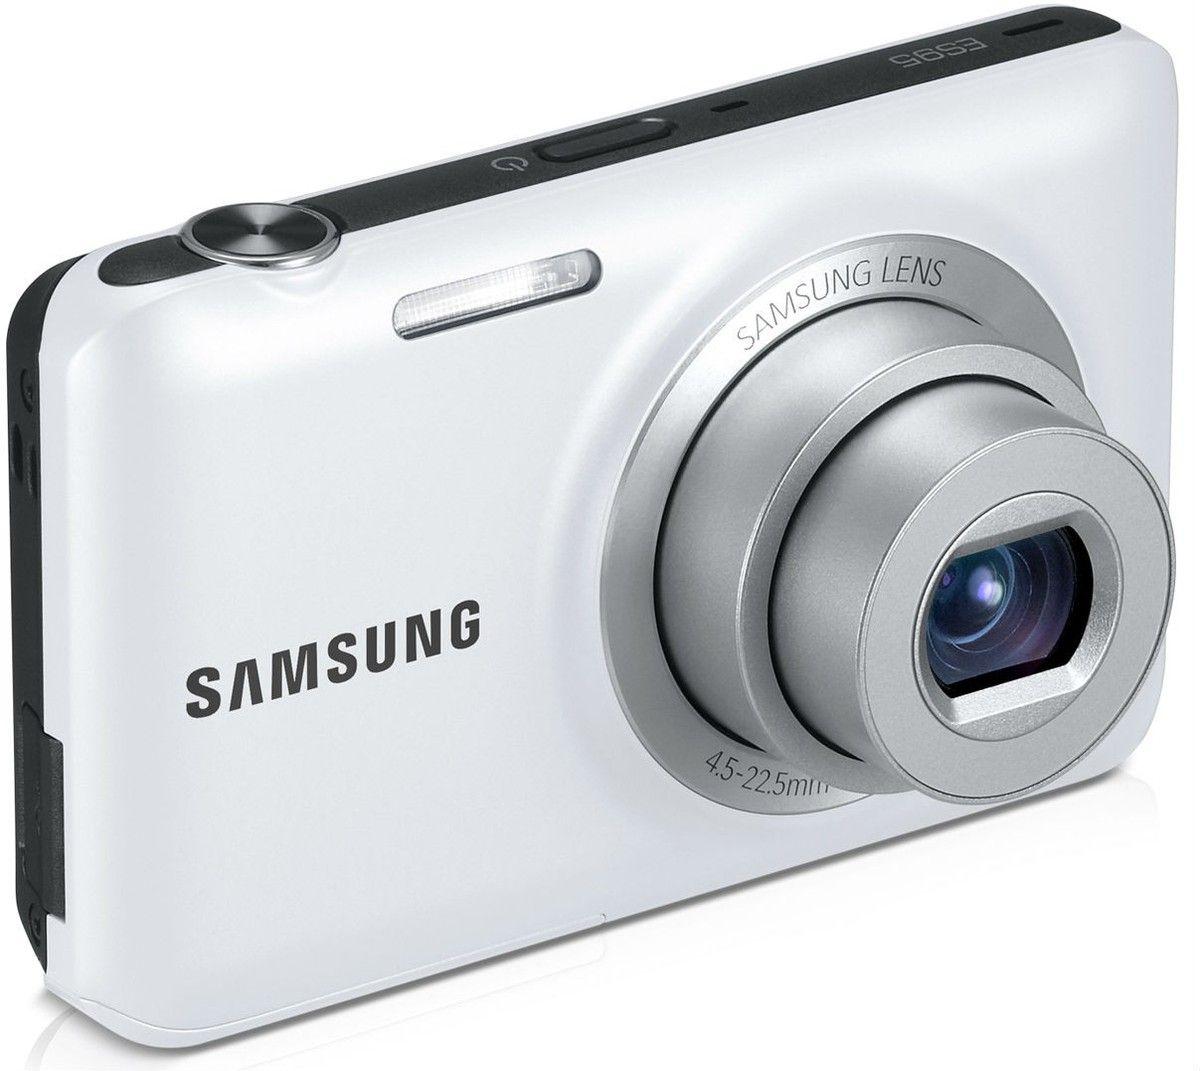 фотоаппараты самсунг каталог с ценами фото предупреждаю что